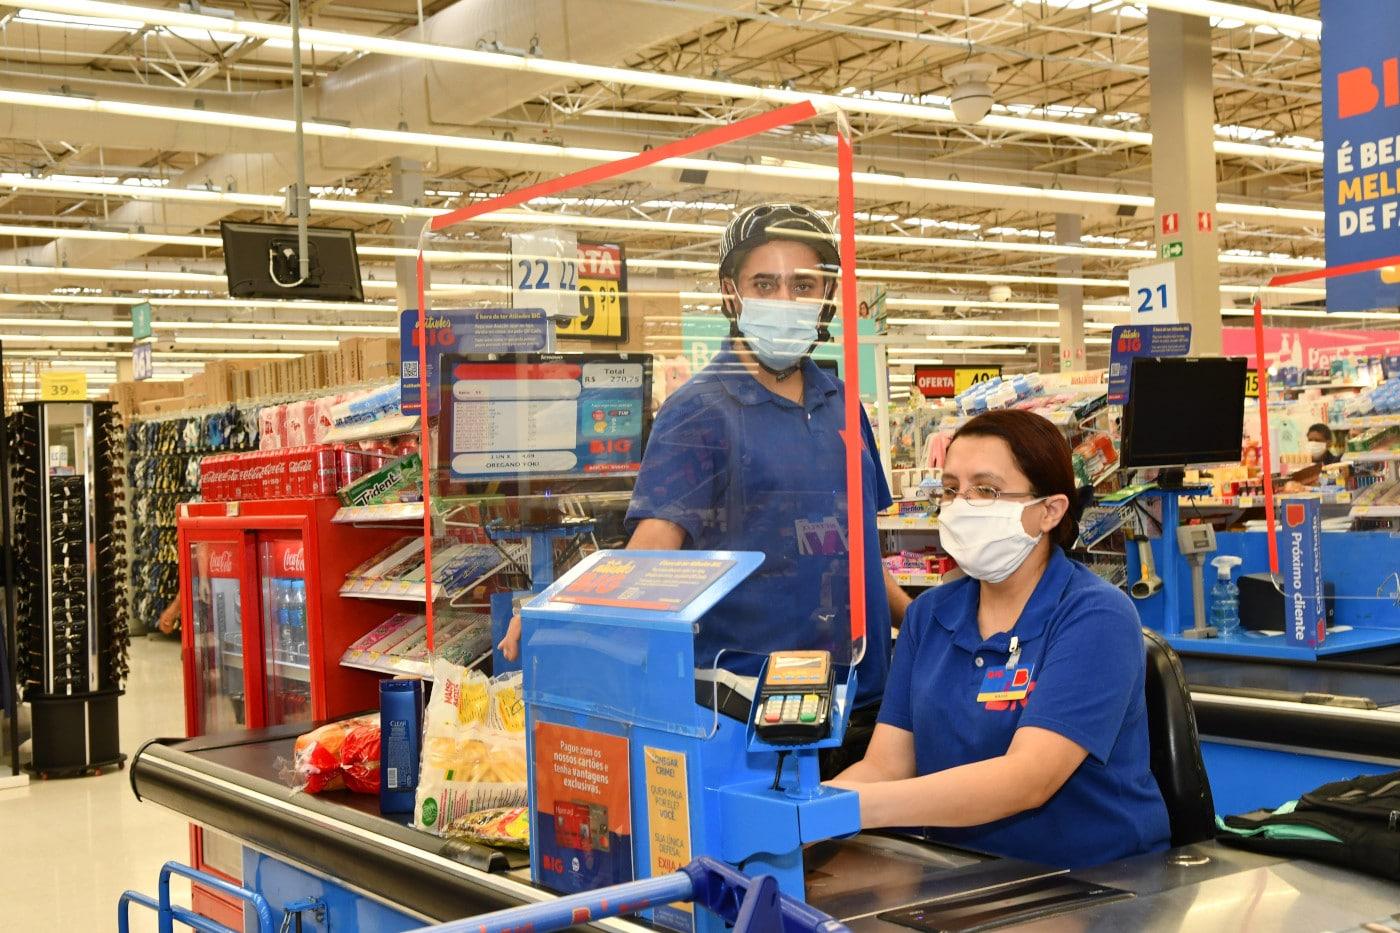 caixas protegidos e de mascara